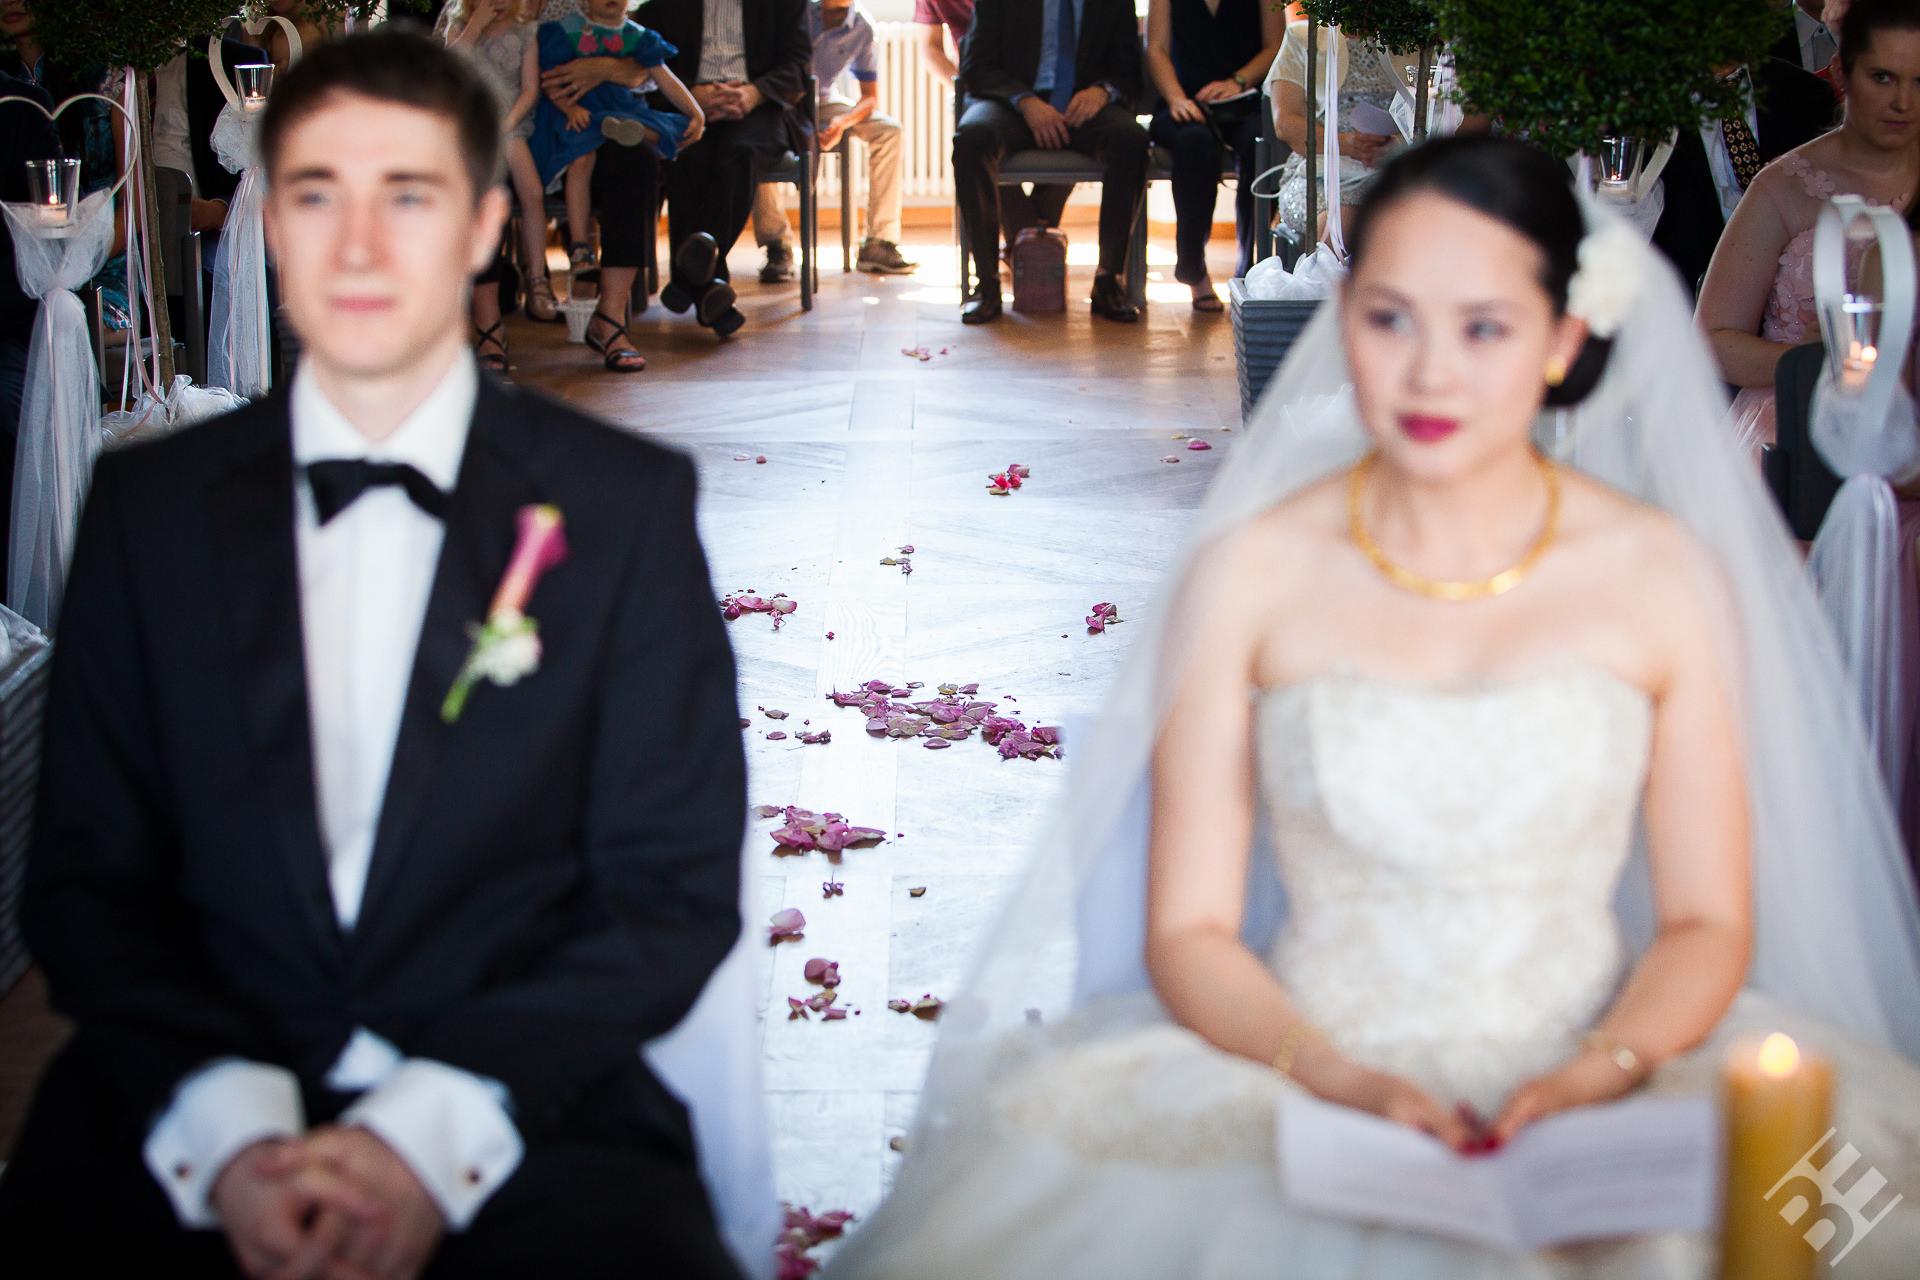 Hochzeit_18_IMG_9899_Volen_Evtimov